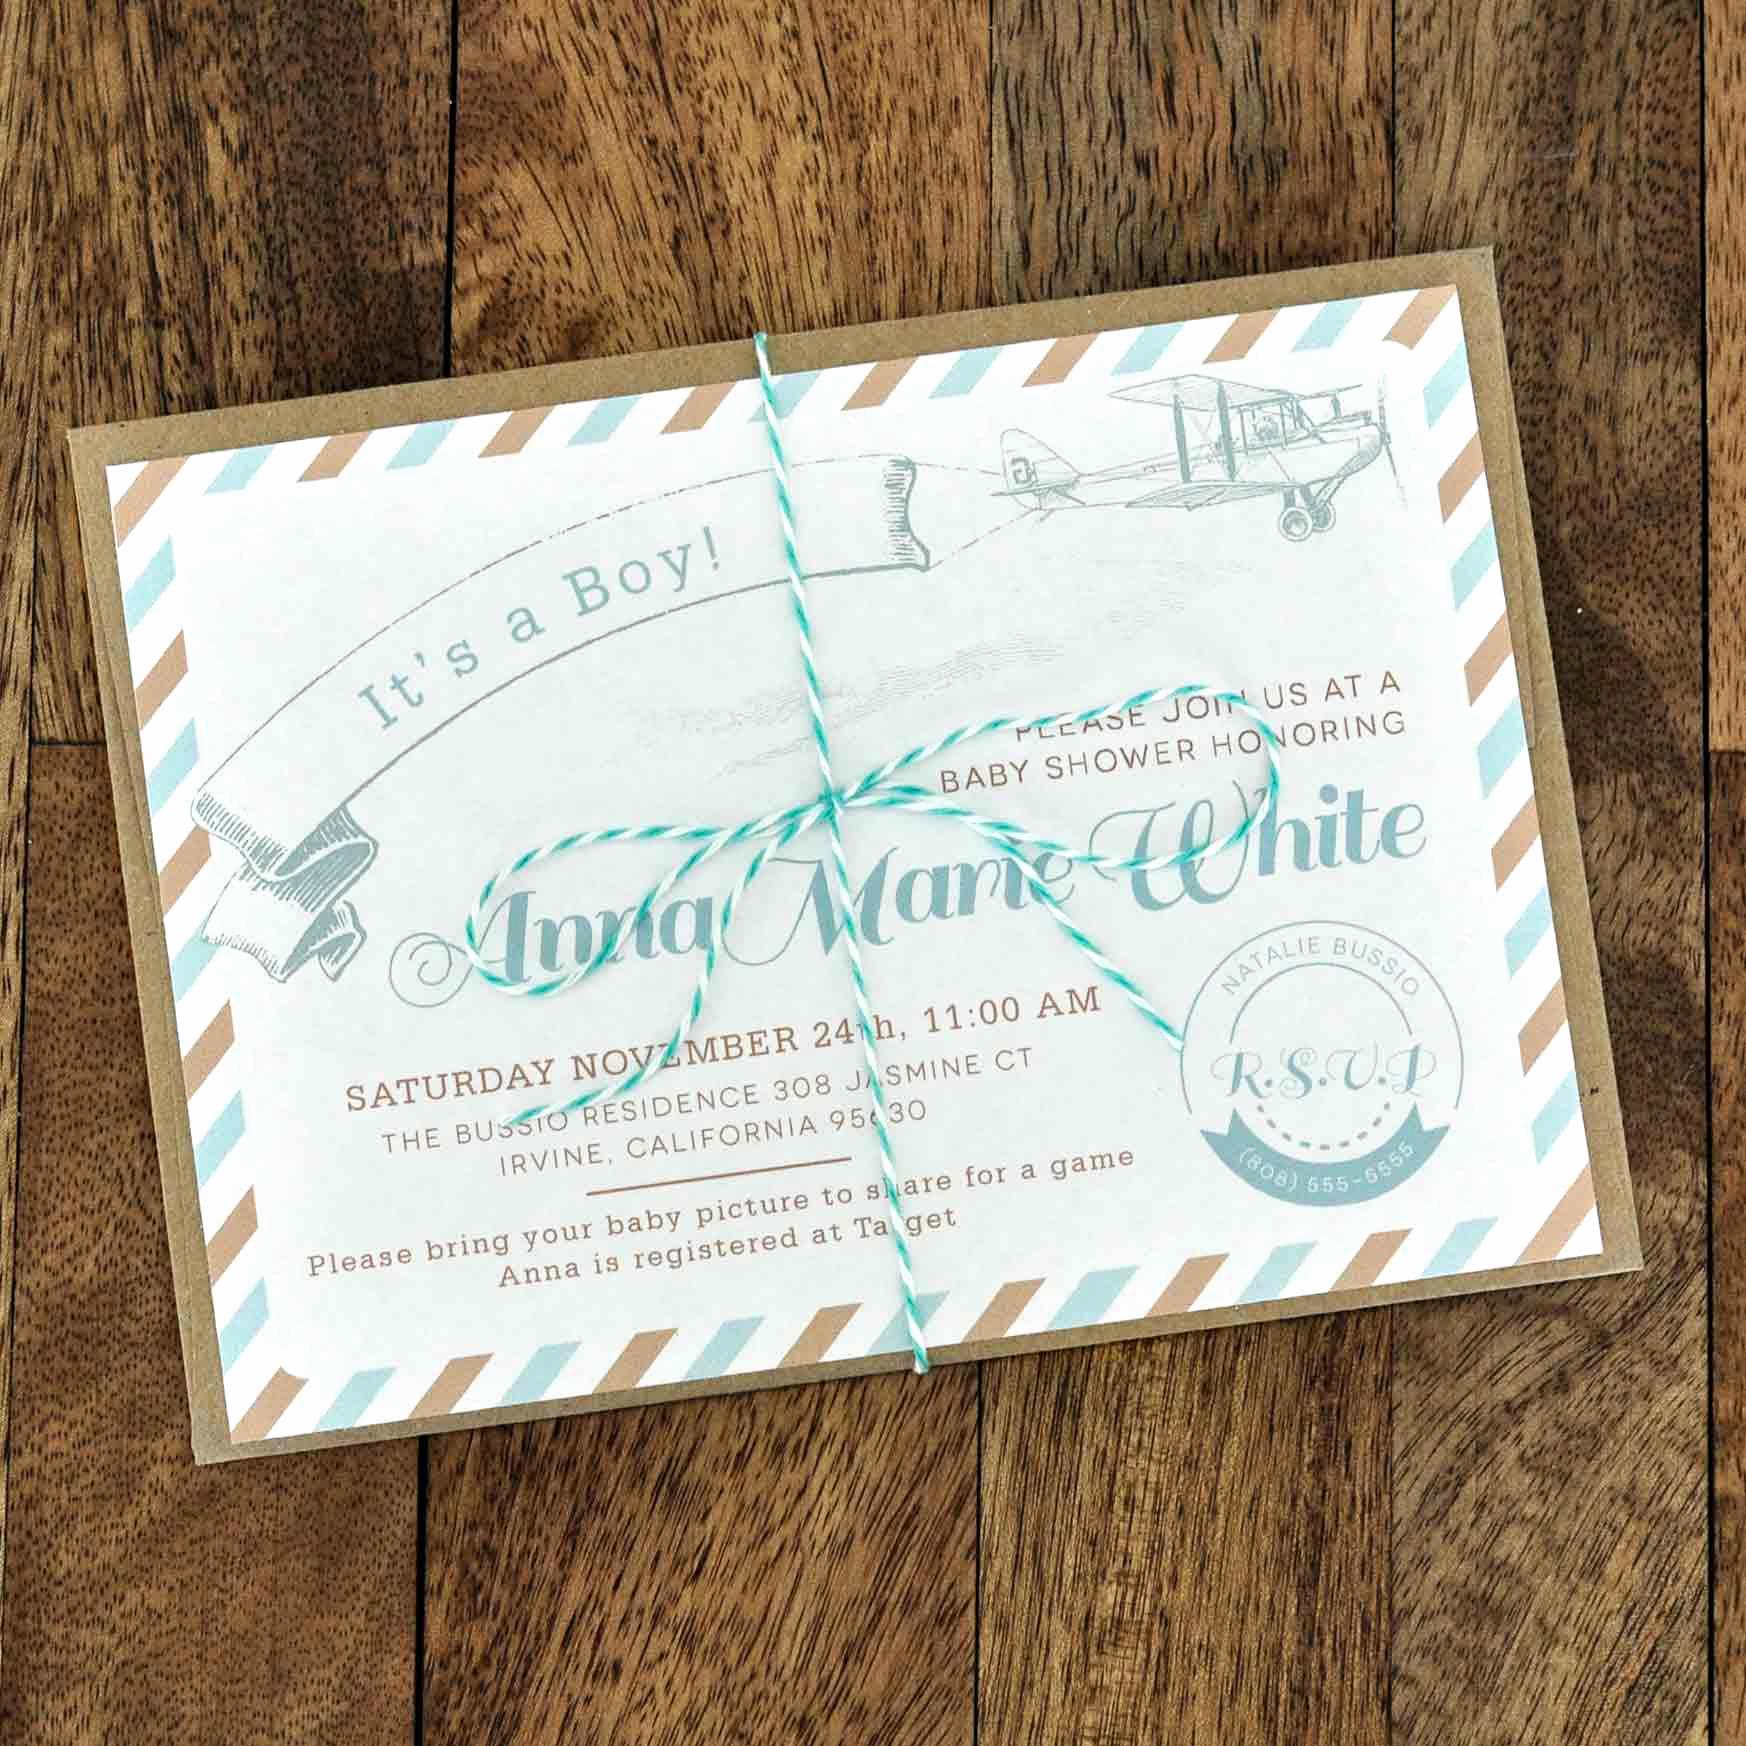 Vintage Baby Shower Invitation Best Of Vintage Style Baby Shower Invitations